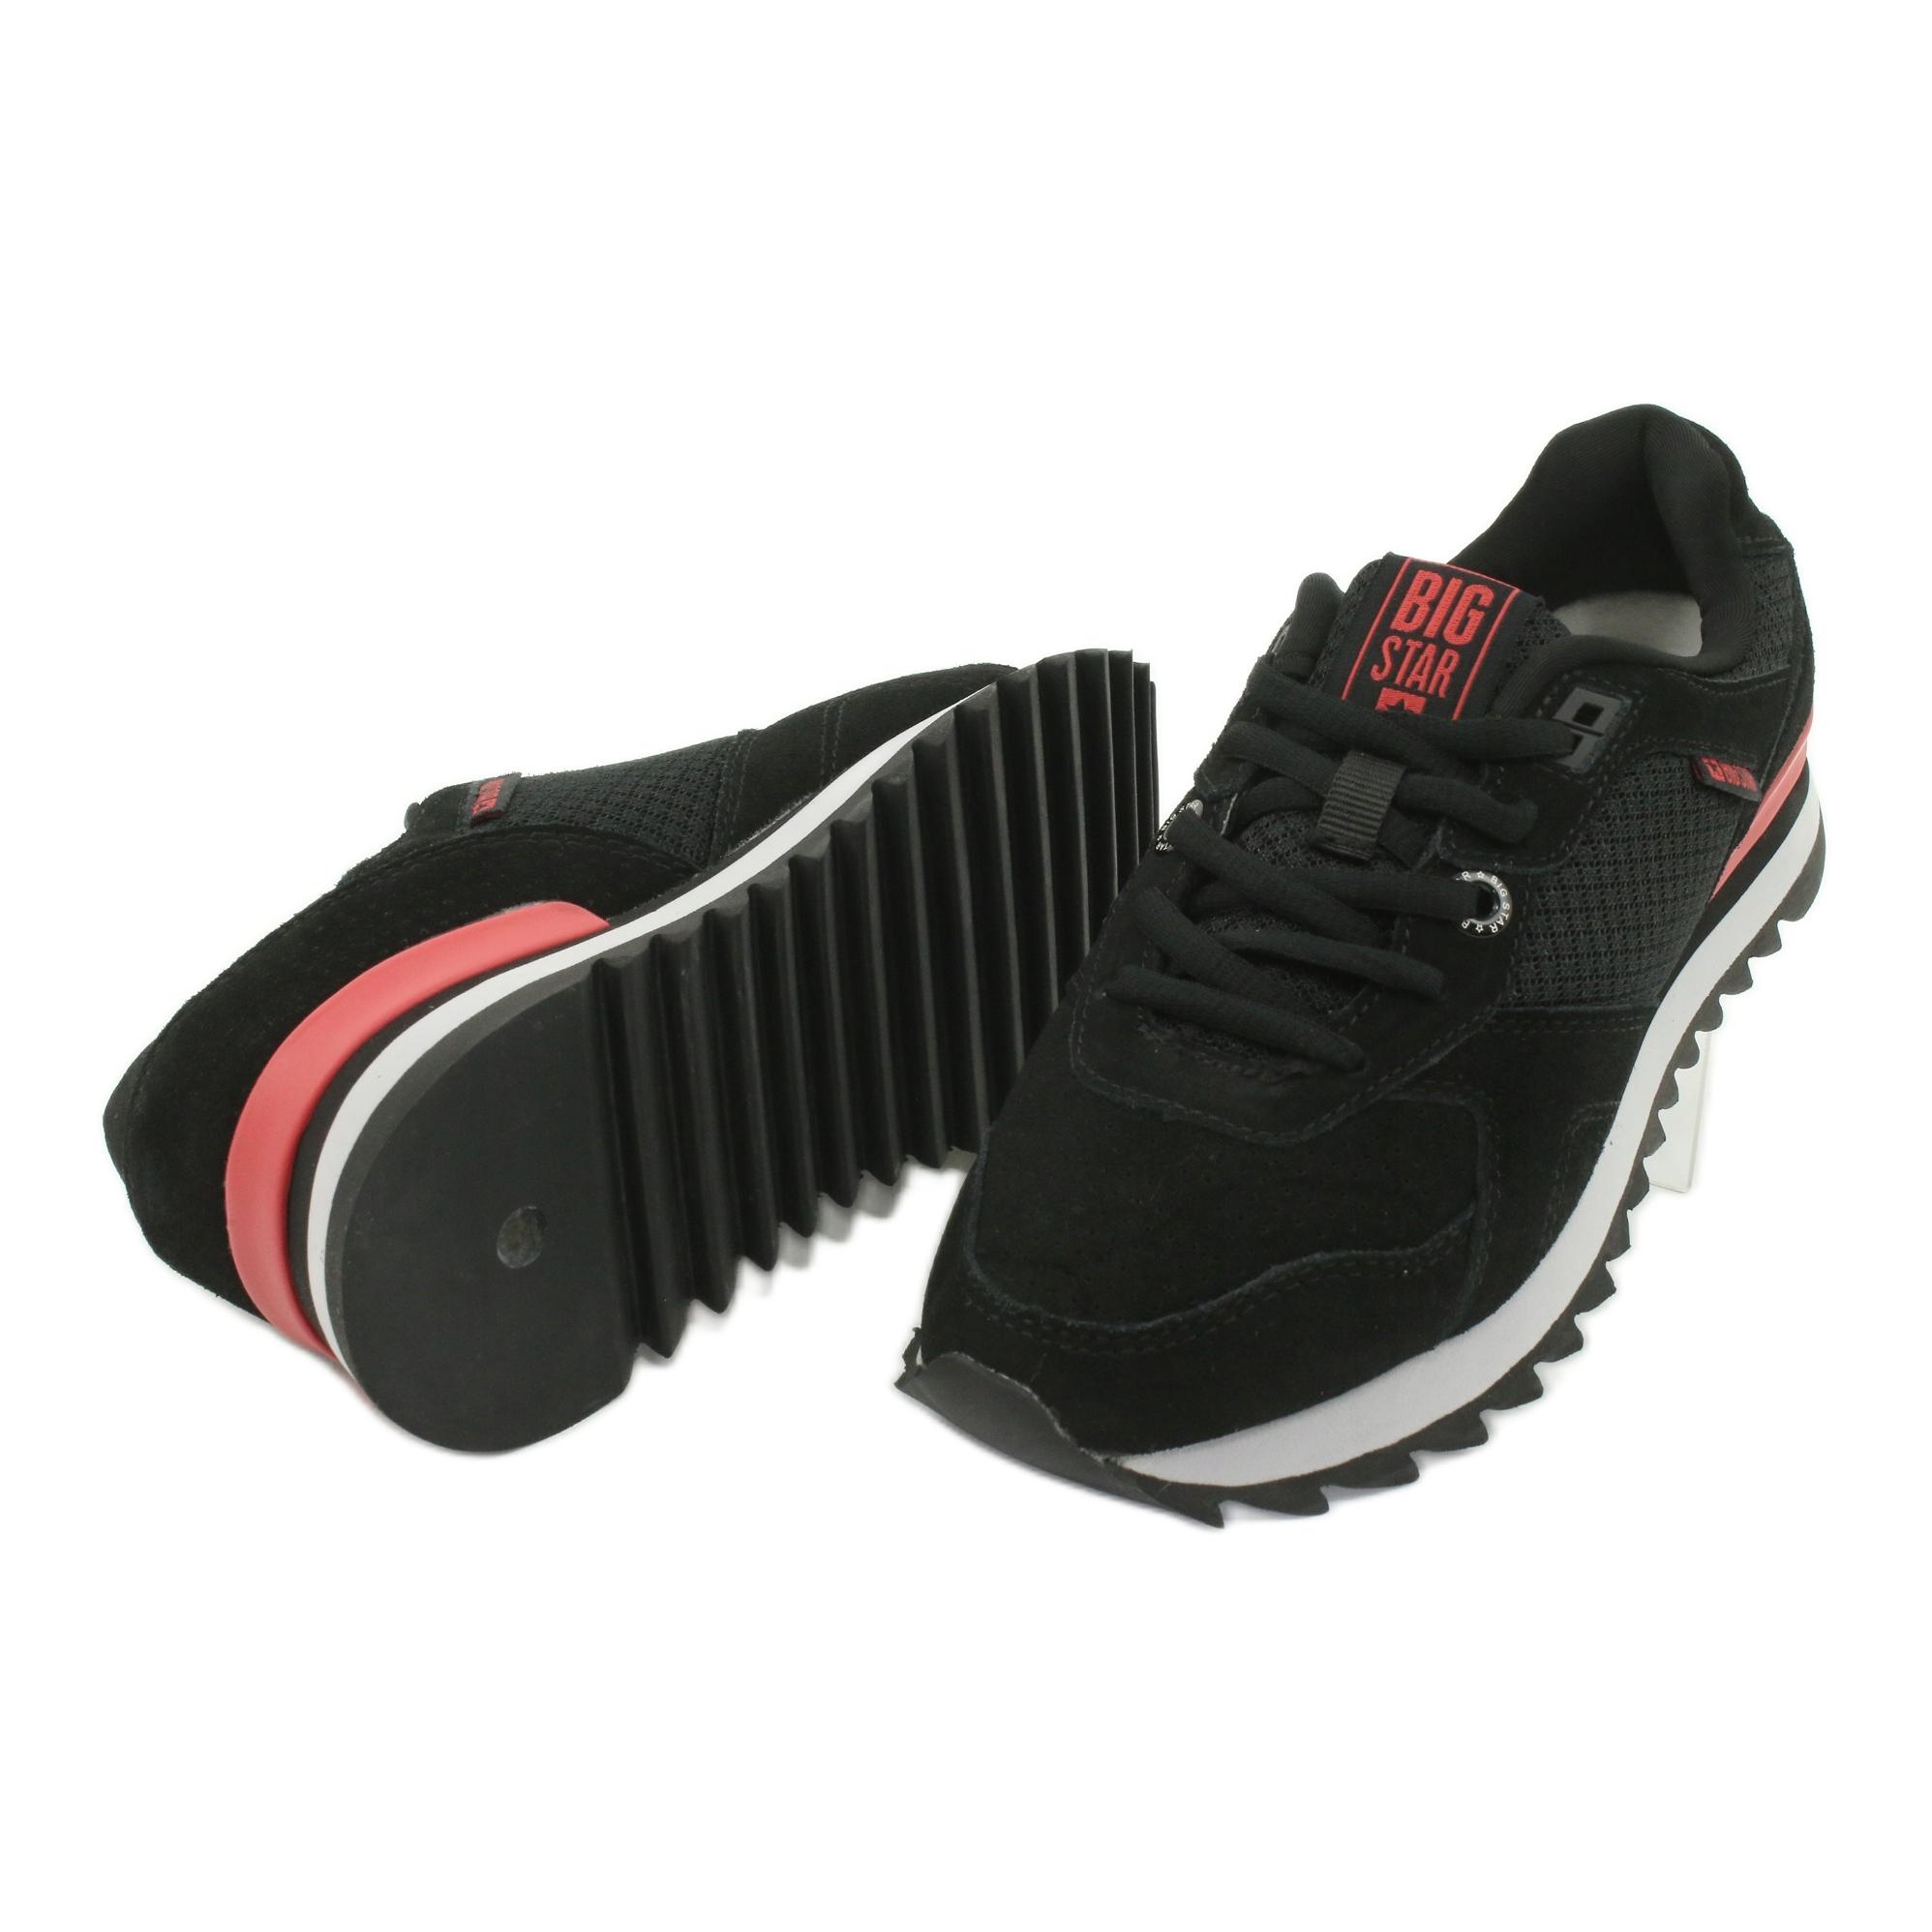 miniature 4 - Chaussures de sport BIG STAR GG274524 noir rouge